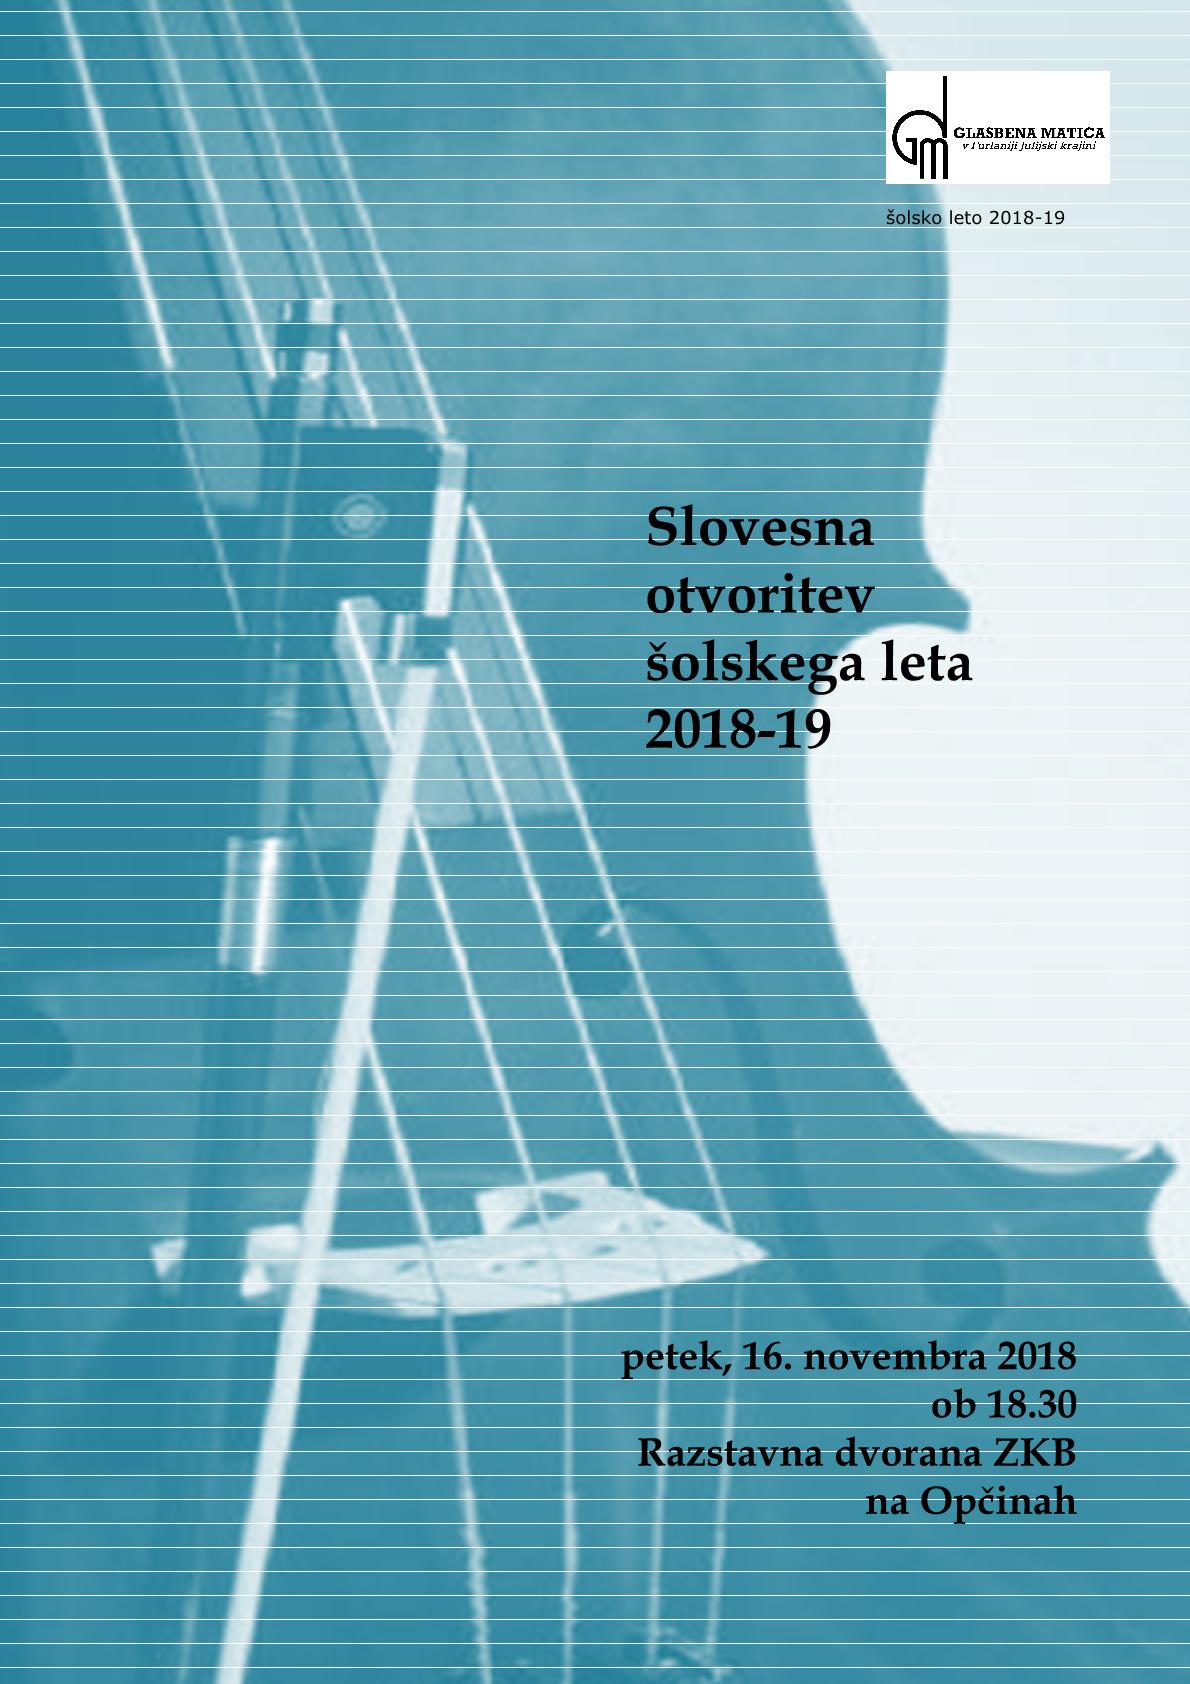 16.11.2018 ob 18.30 SLOVESNA OTVORITEV ŠOLSKEGA LETA 2018/19